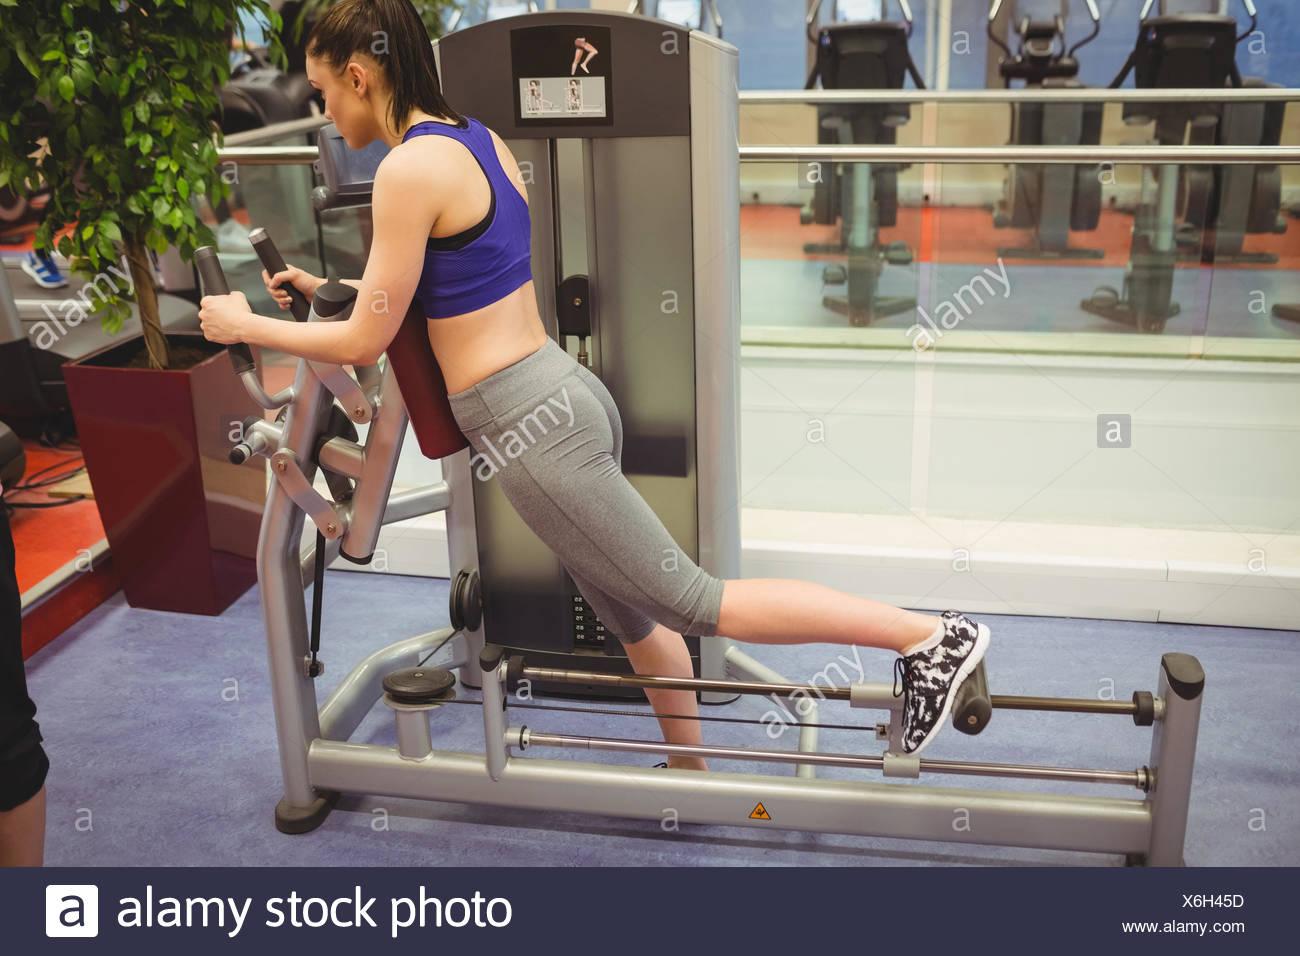 Colocar mujer utilizando equipo de ejercicio Imagen De Stock